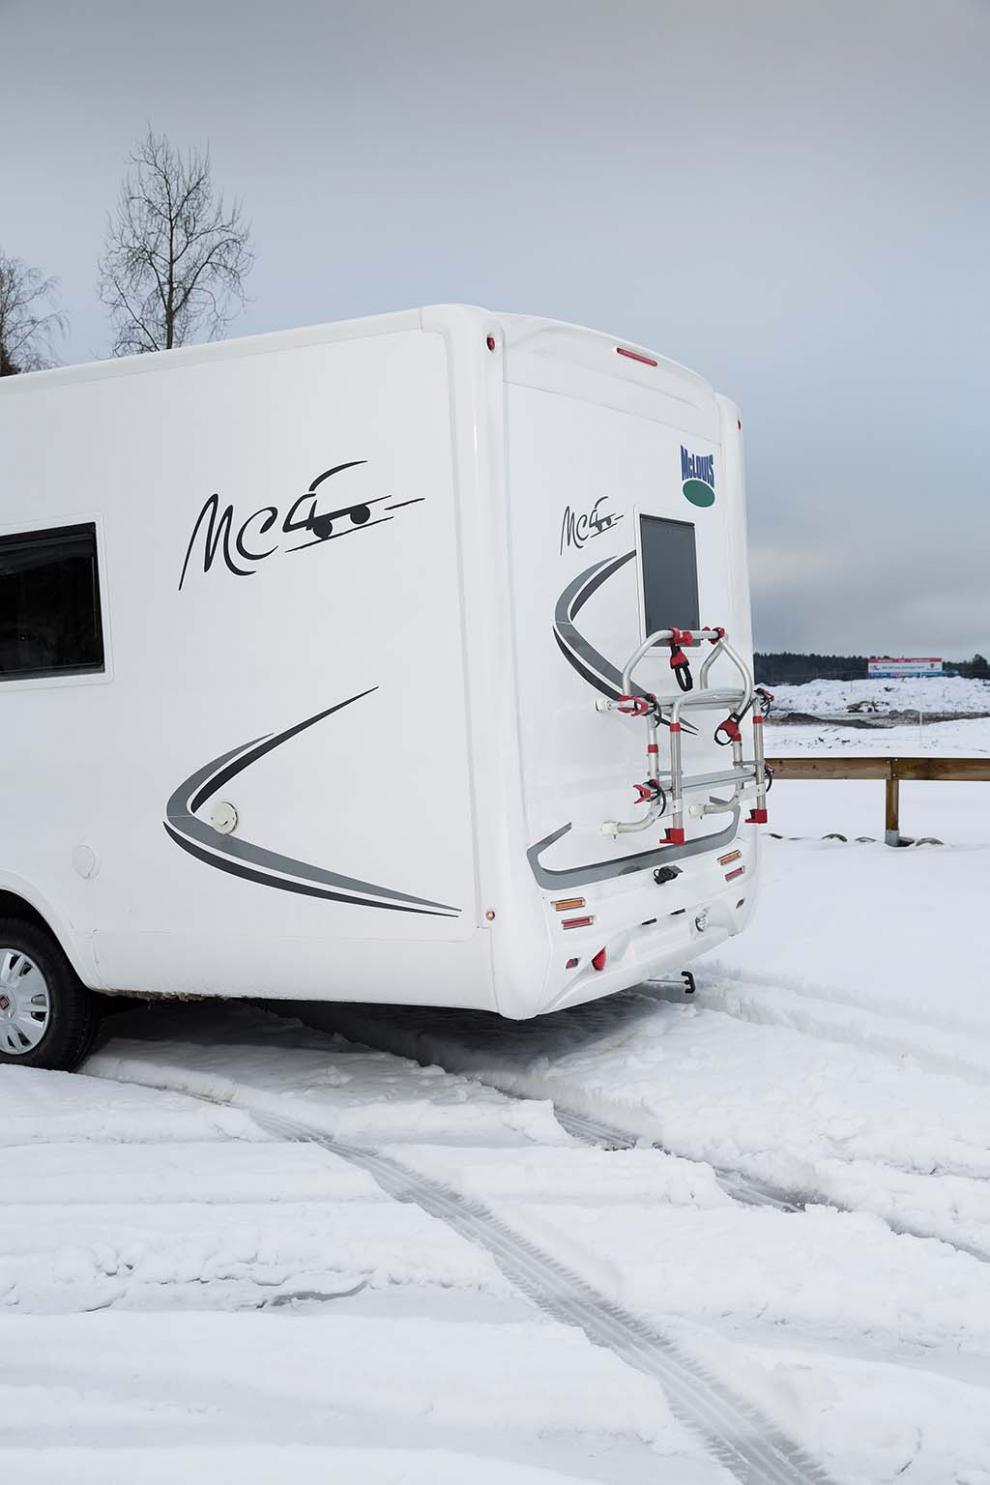 BILDSPEL: McLouis MC4-75